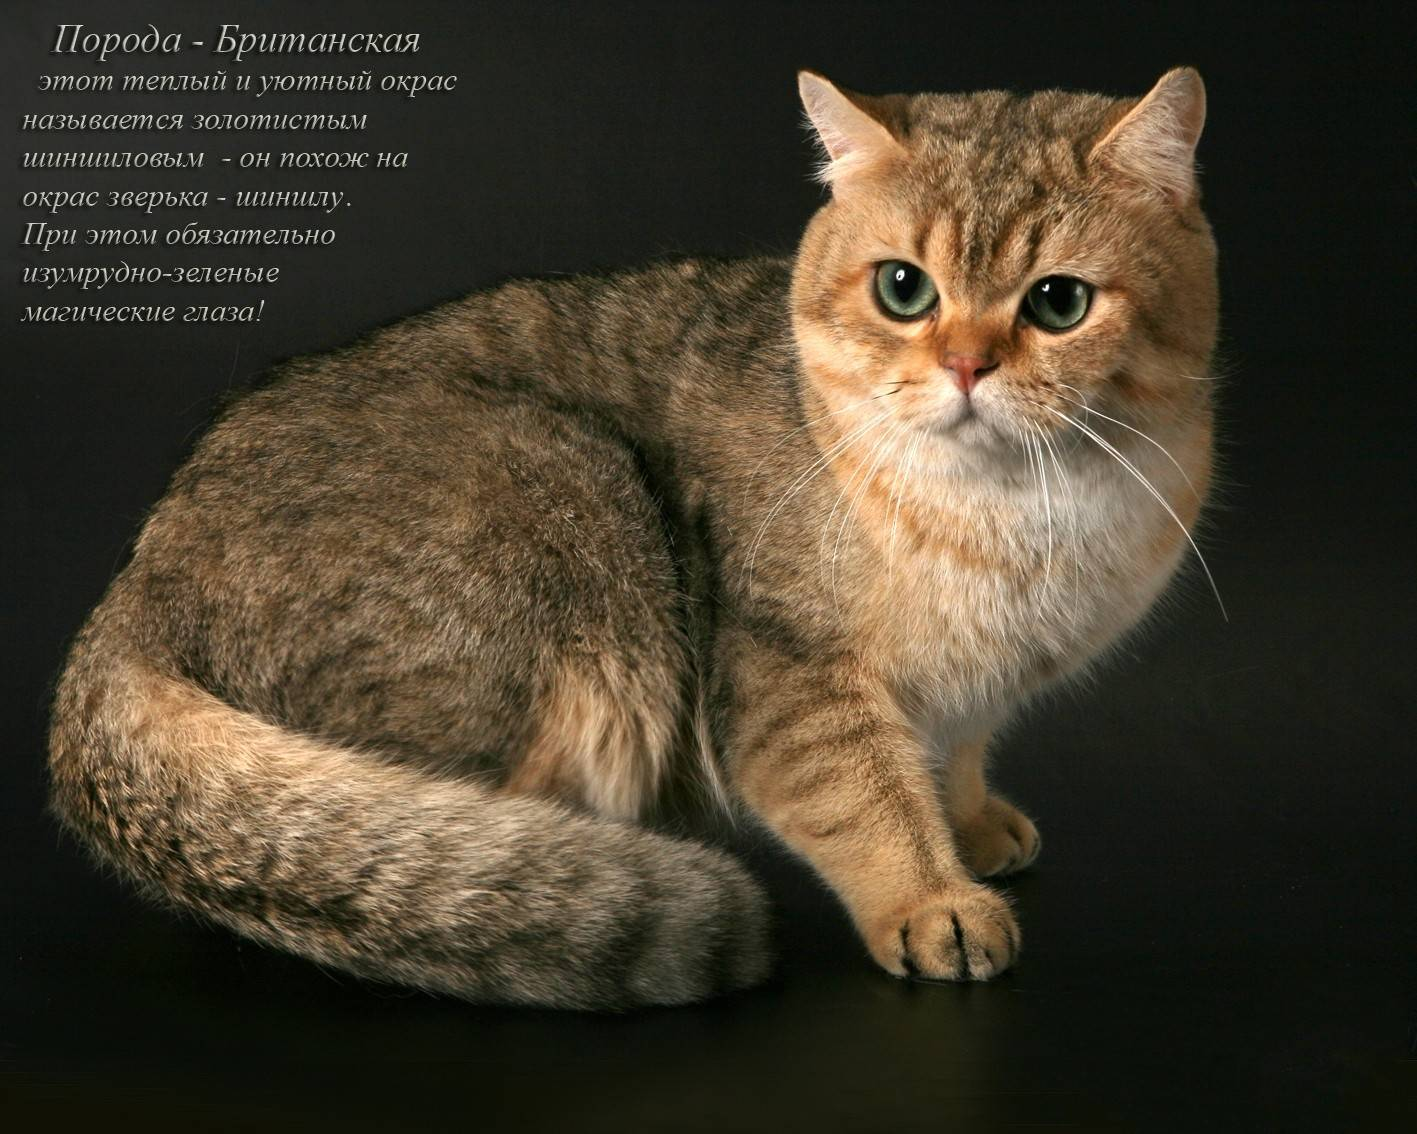 Самые ласковые породы кошек (56 фото): топ самых добрых, спокойных и ручных пород для детей. котов каких пород считают самыми ласковыми и умными в мире?